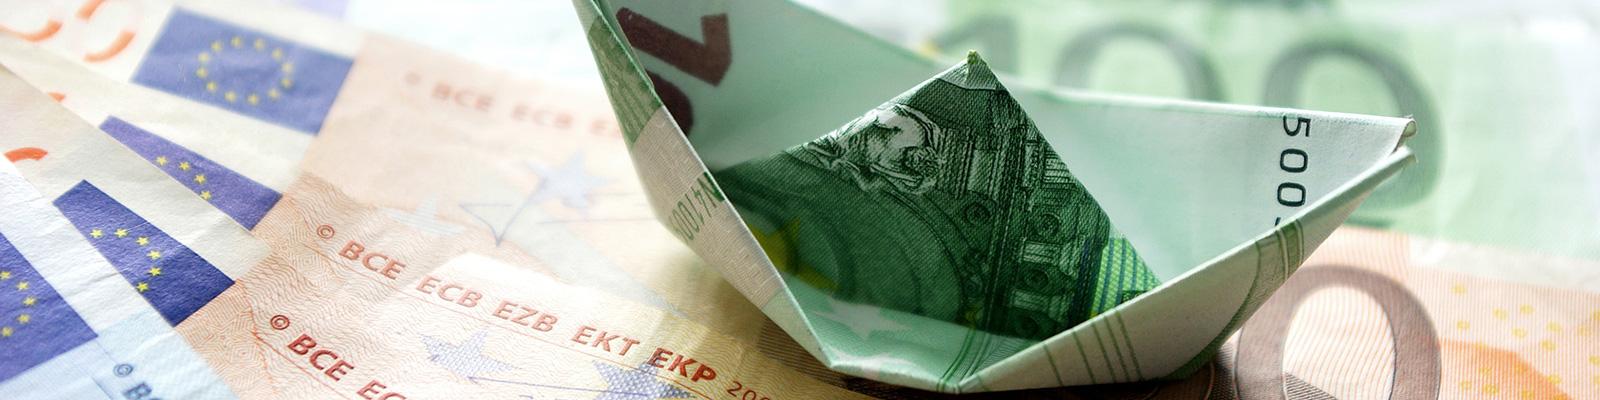 EU お金